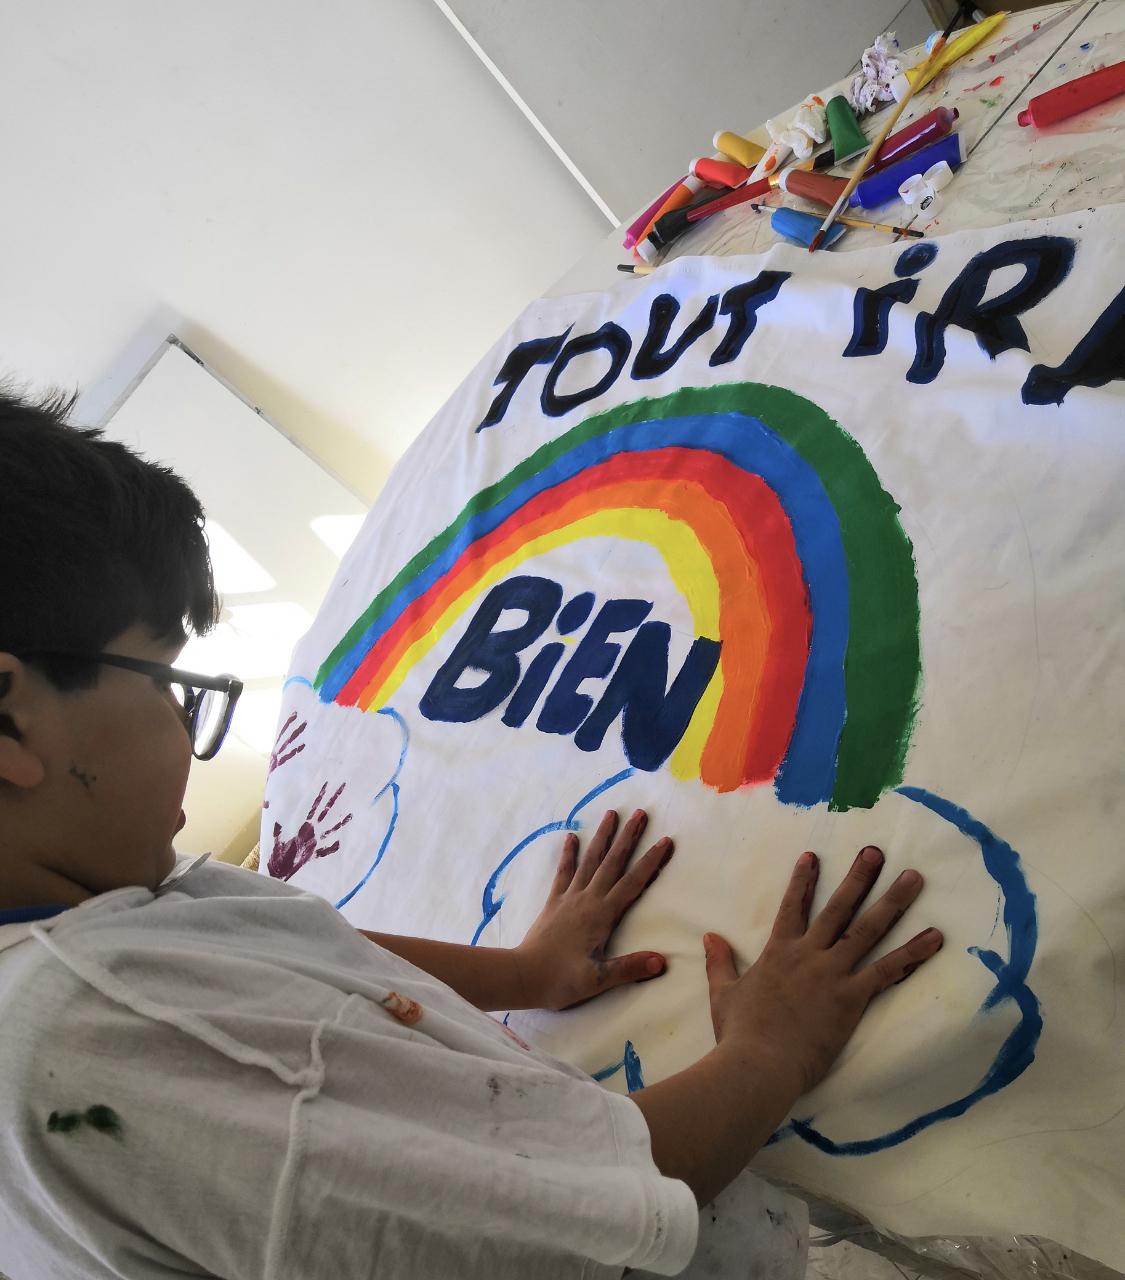 """Photo Elisabeth Araya de Calvi qui lance une idée : de faire faire aux enfants des dessins """"tout ira bien"""" pour ensuite les accrocher à nos fenêtres. Un message positif et d'espoir. Merci Elisabet"""